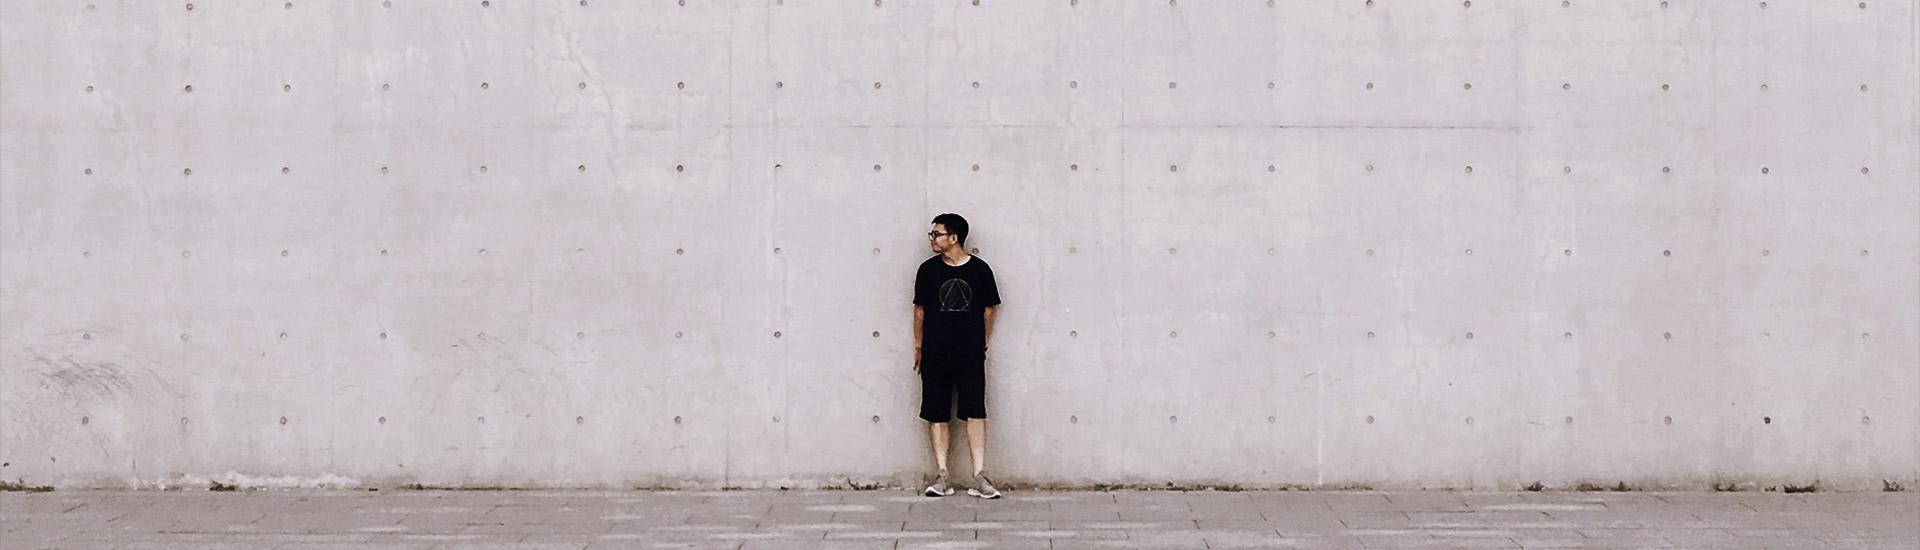 Junger Mann vor Mauer